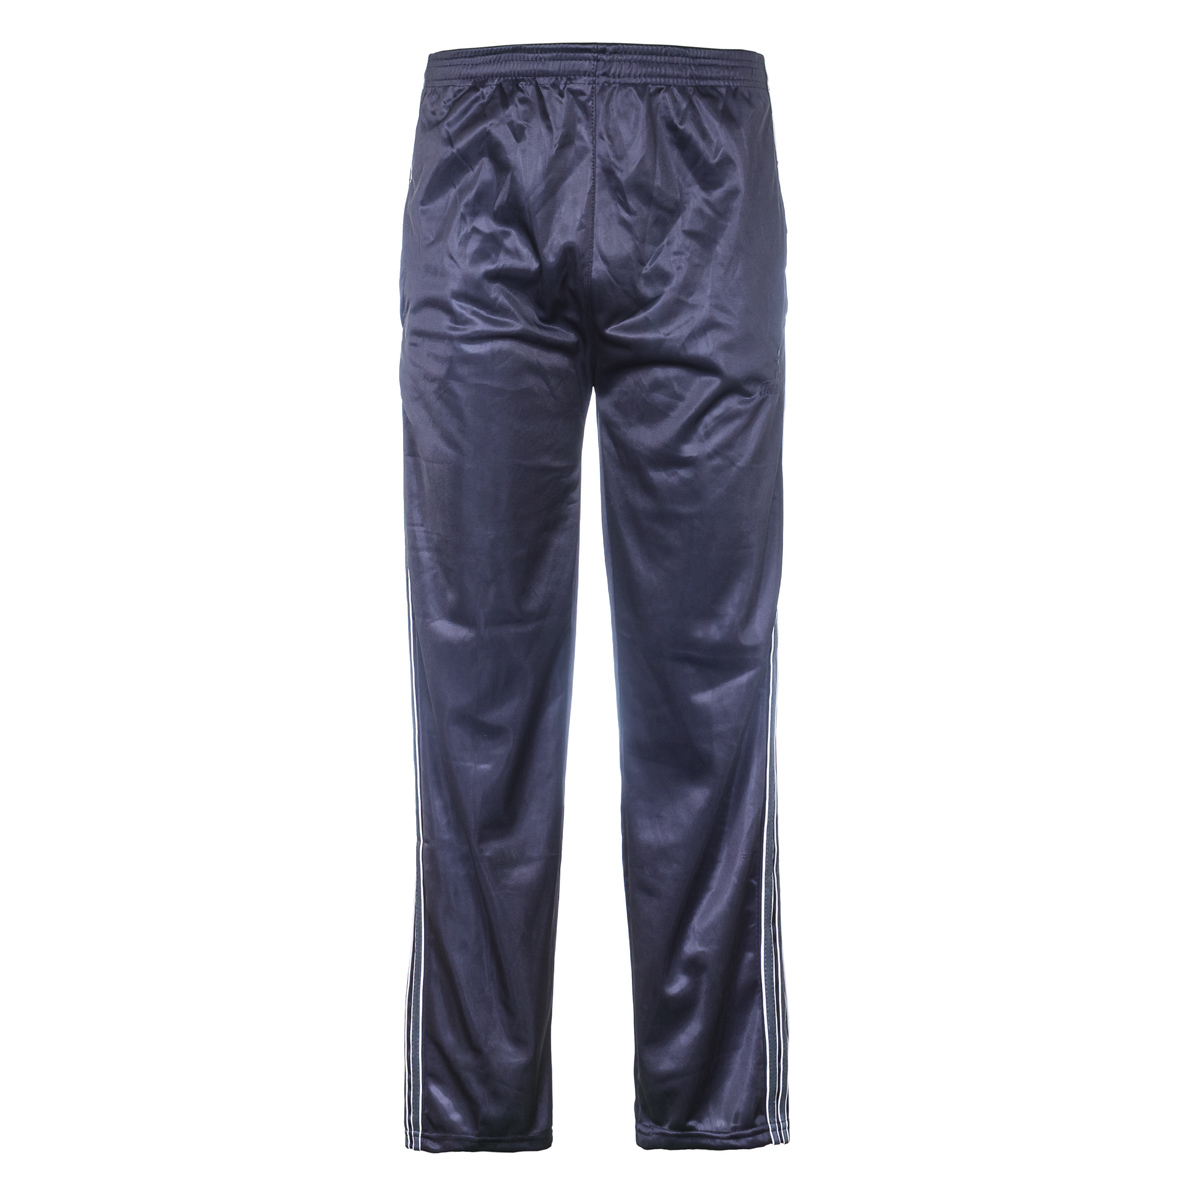 Муж. брюки арт. 12-0064 р. 52 - Мужская одежда артикул: 26409